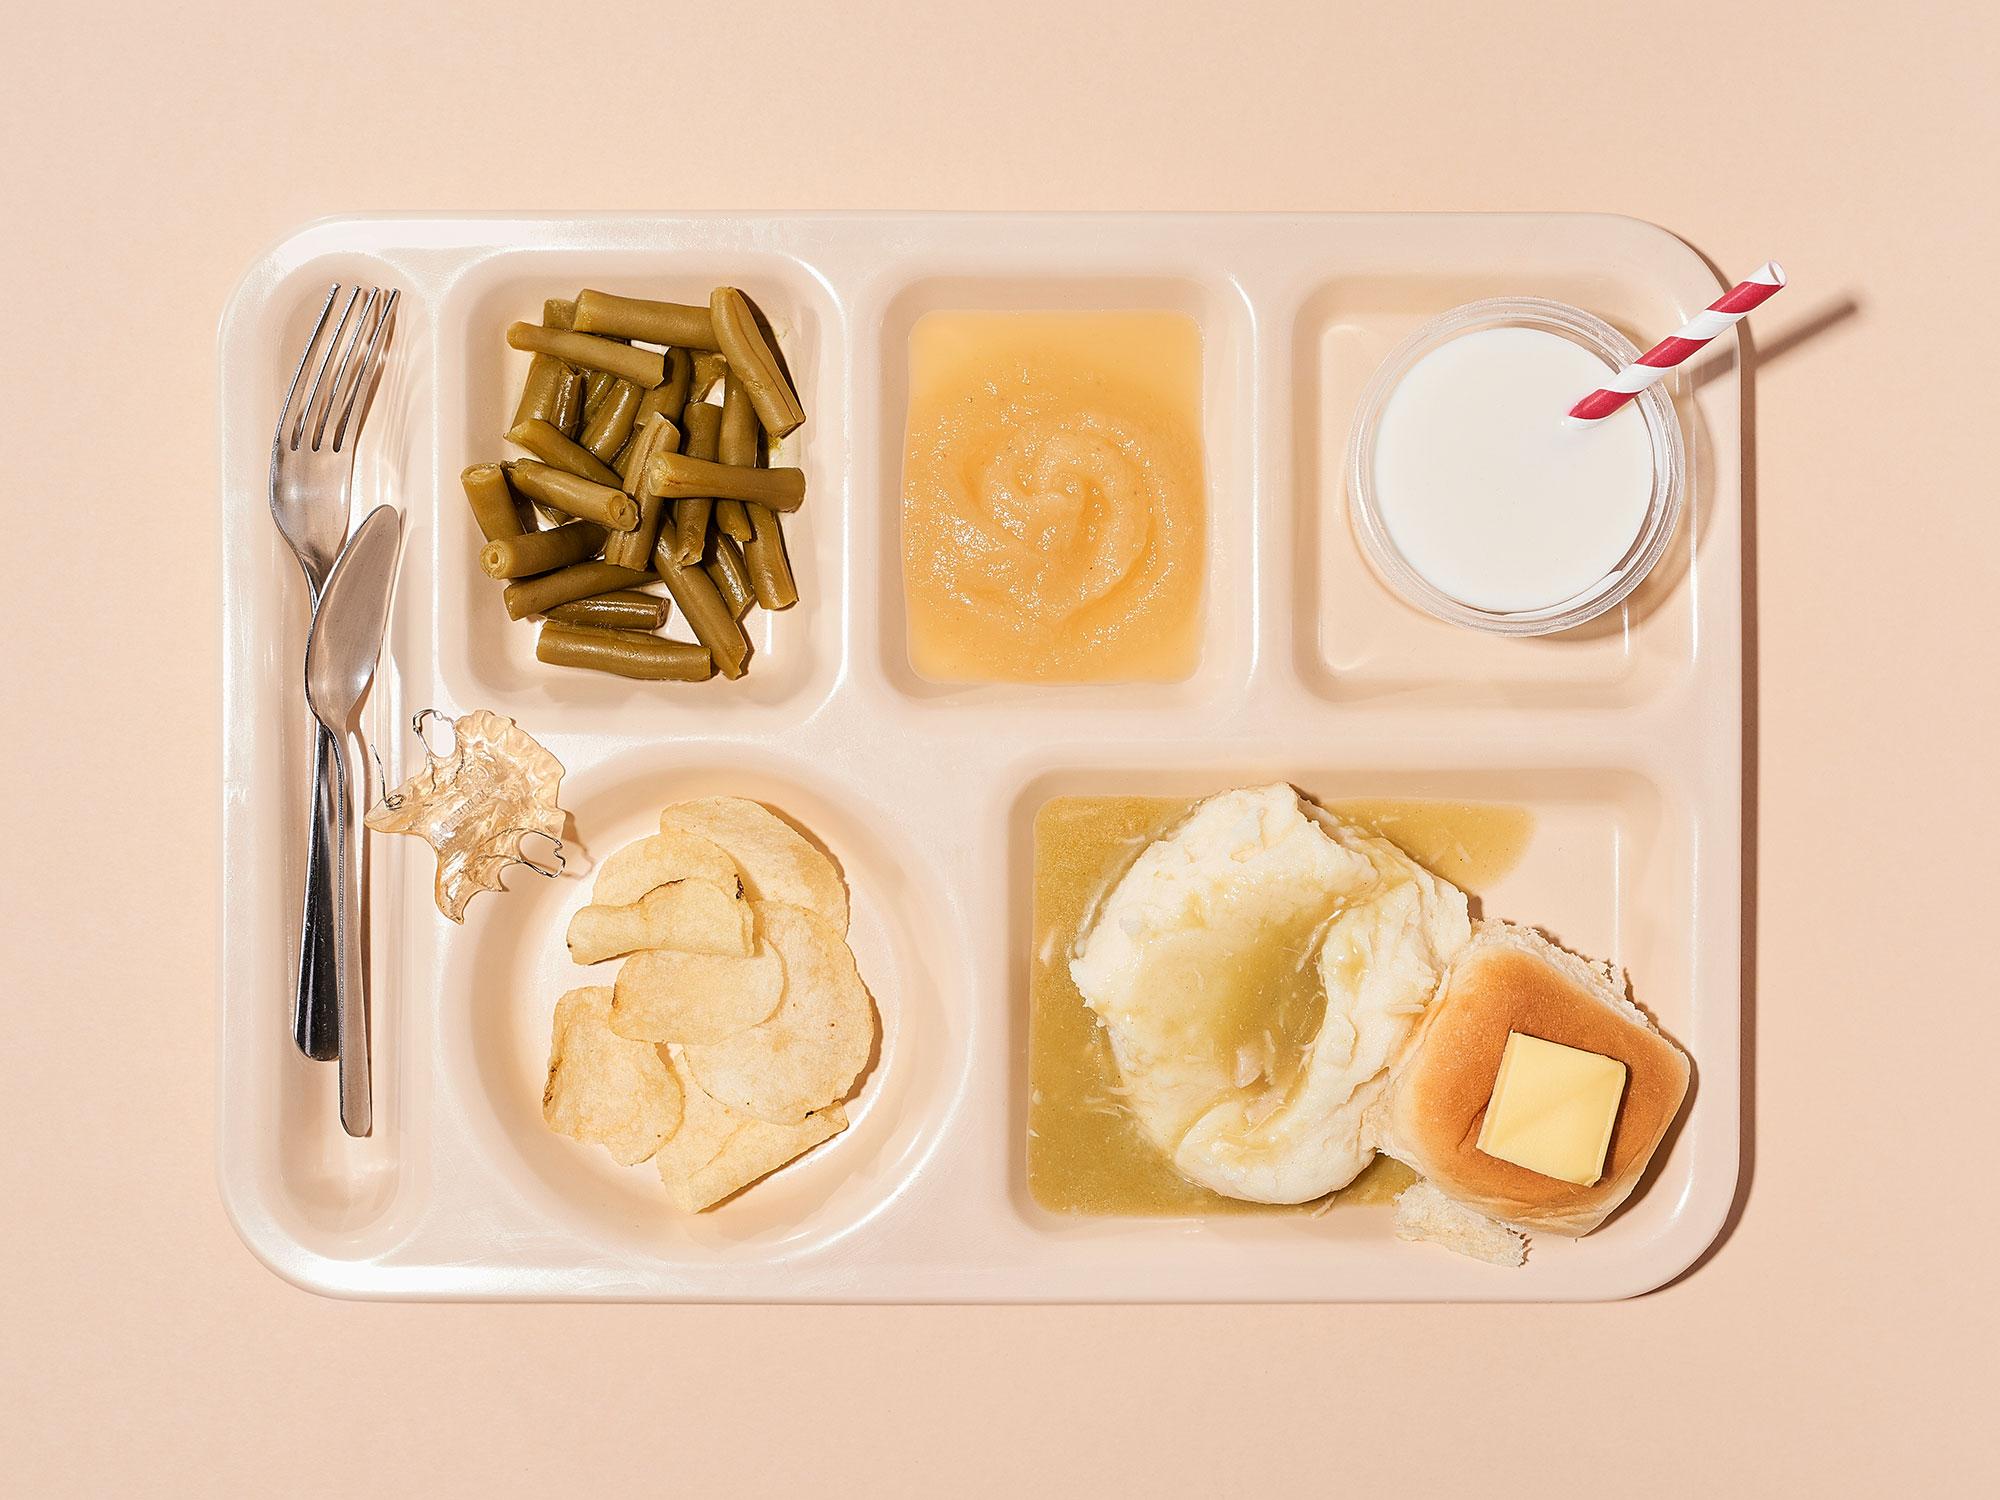 jail-food.jpg